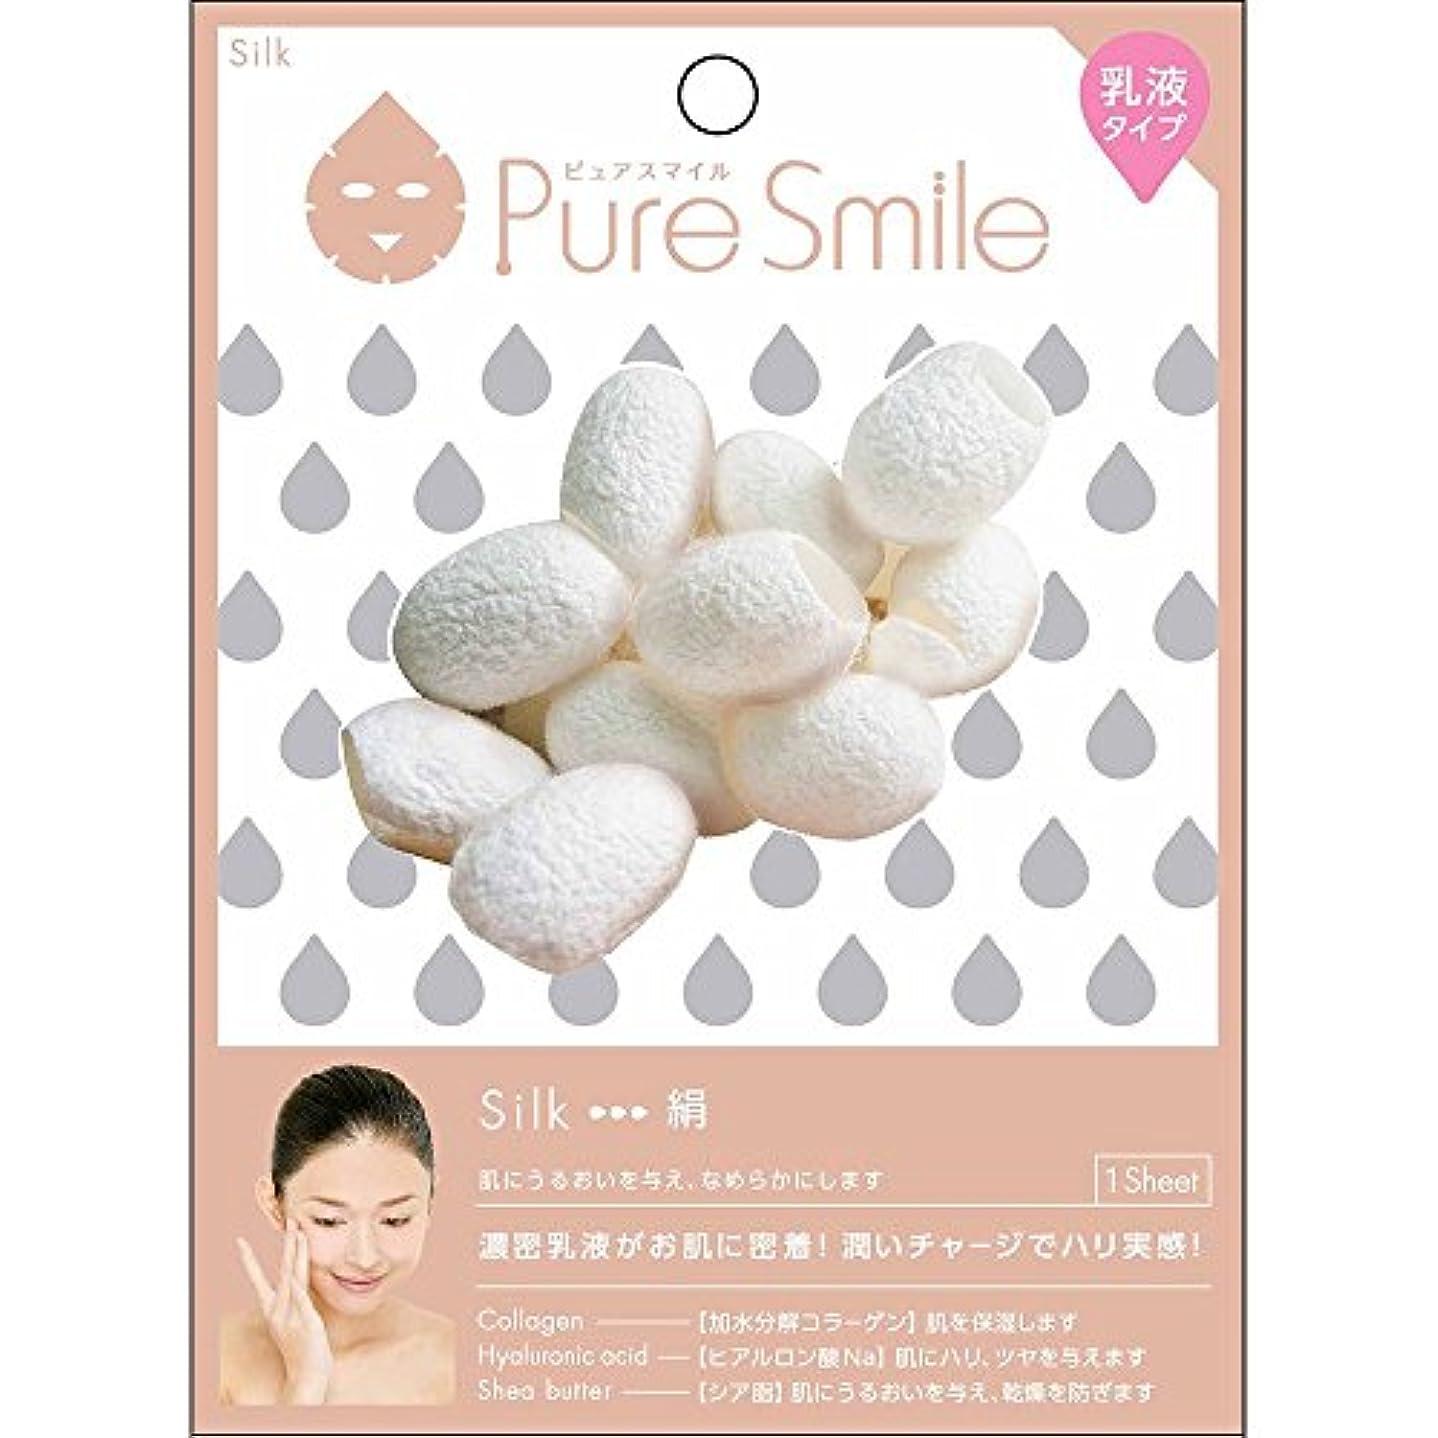 ブートウサギカテゴリーPure Smile(ピュアスマイル) 乳液エッセンスマスク 1 枚 絹